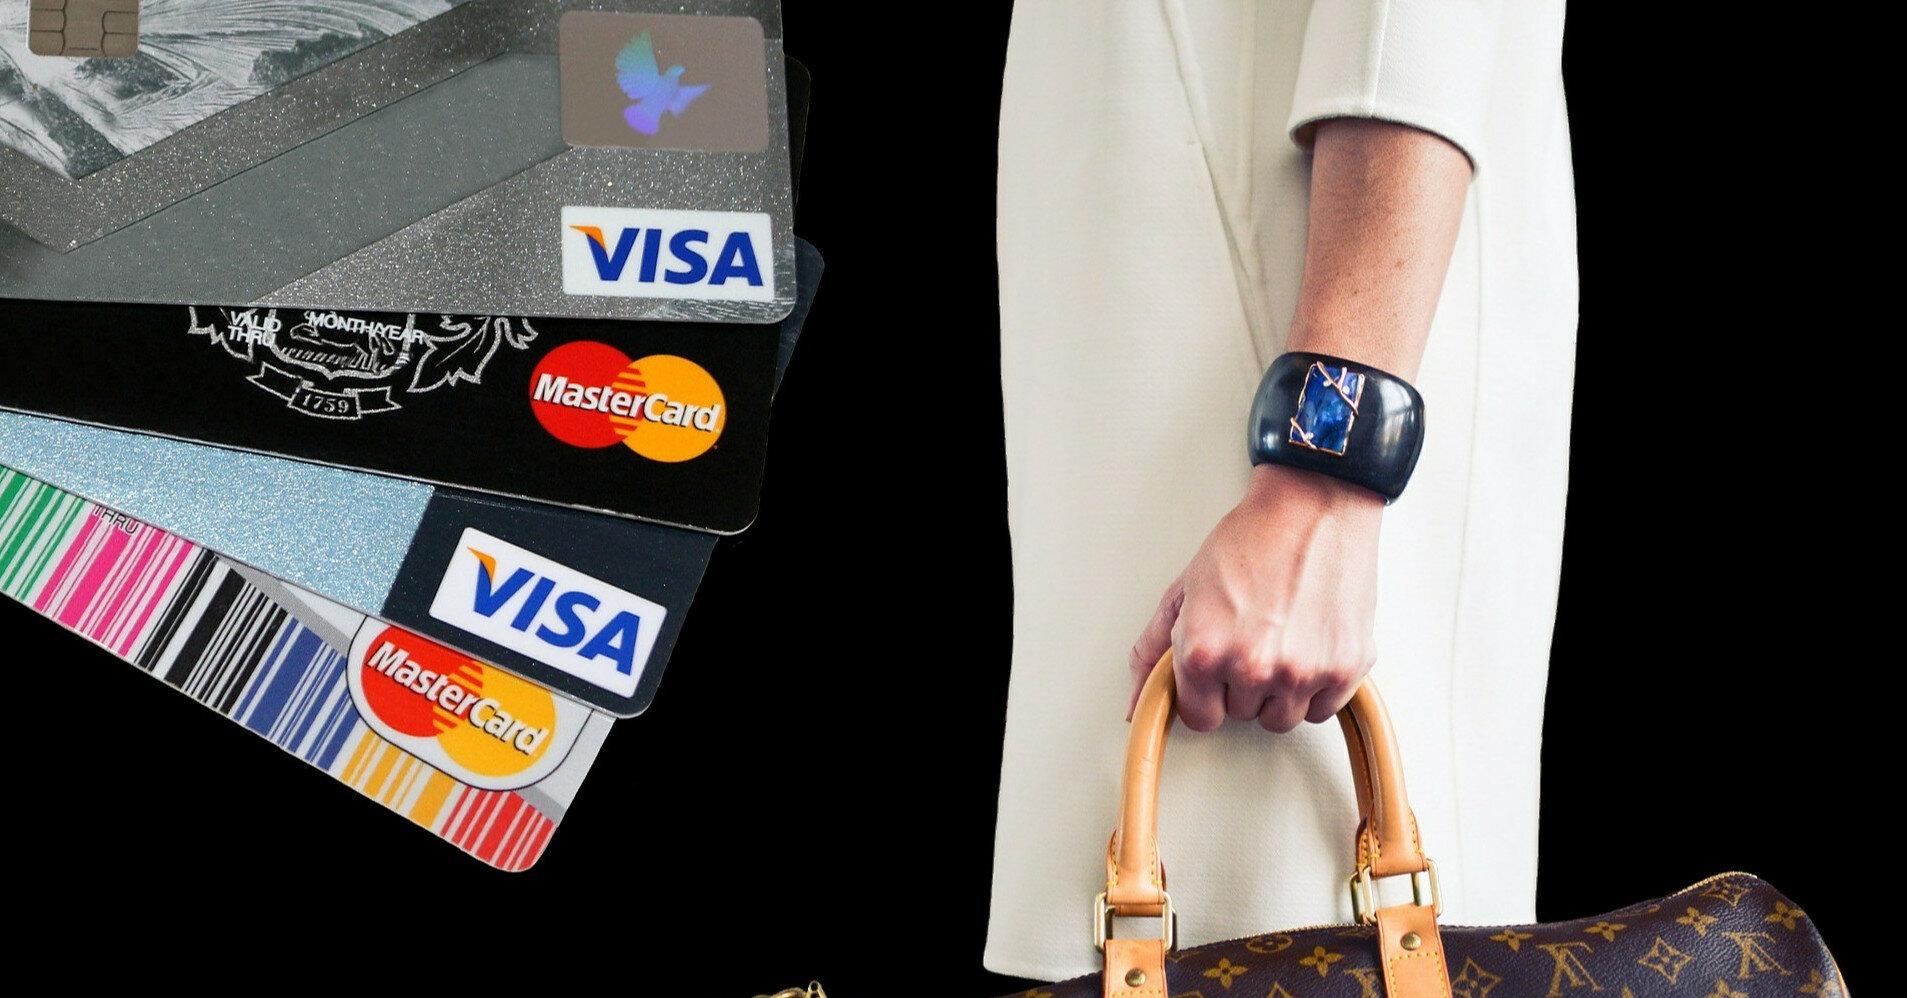 Украинцы будут по-новому получать банковские карты